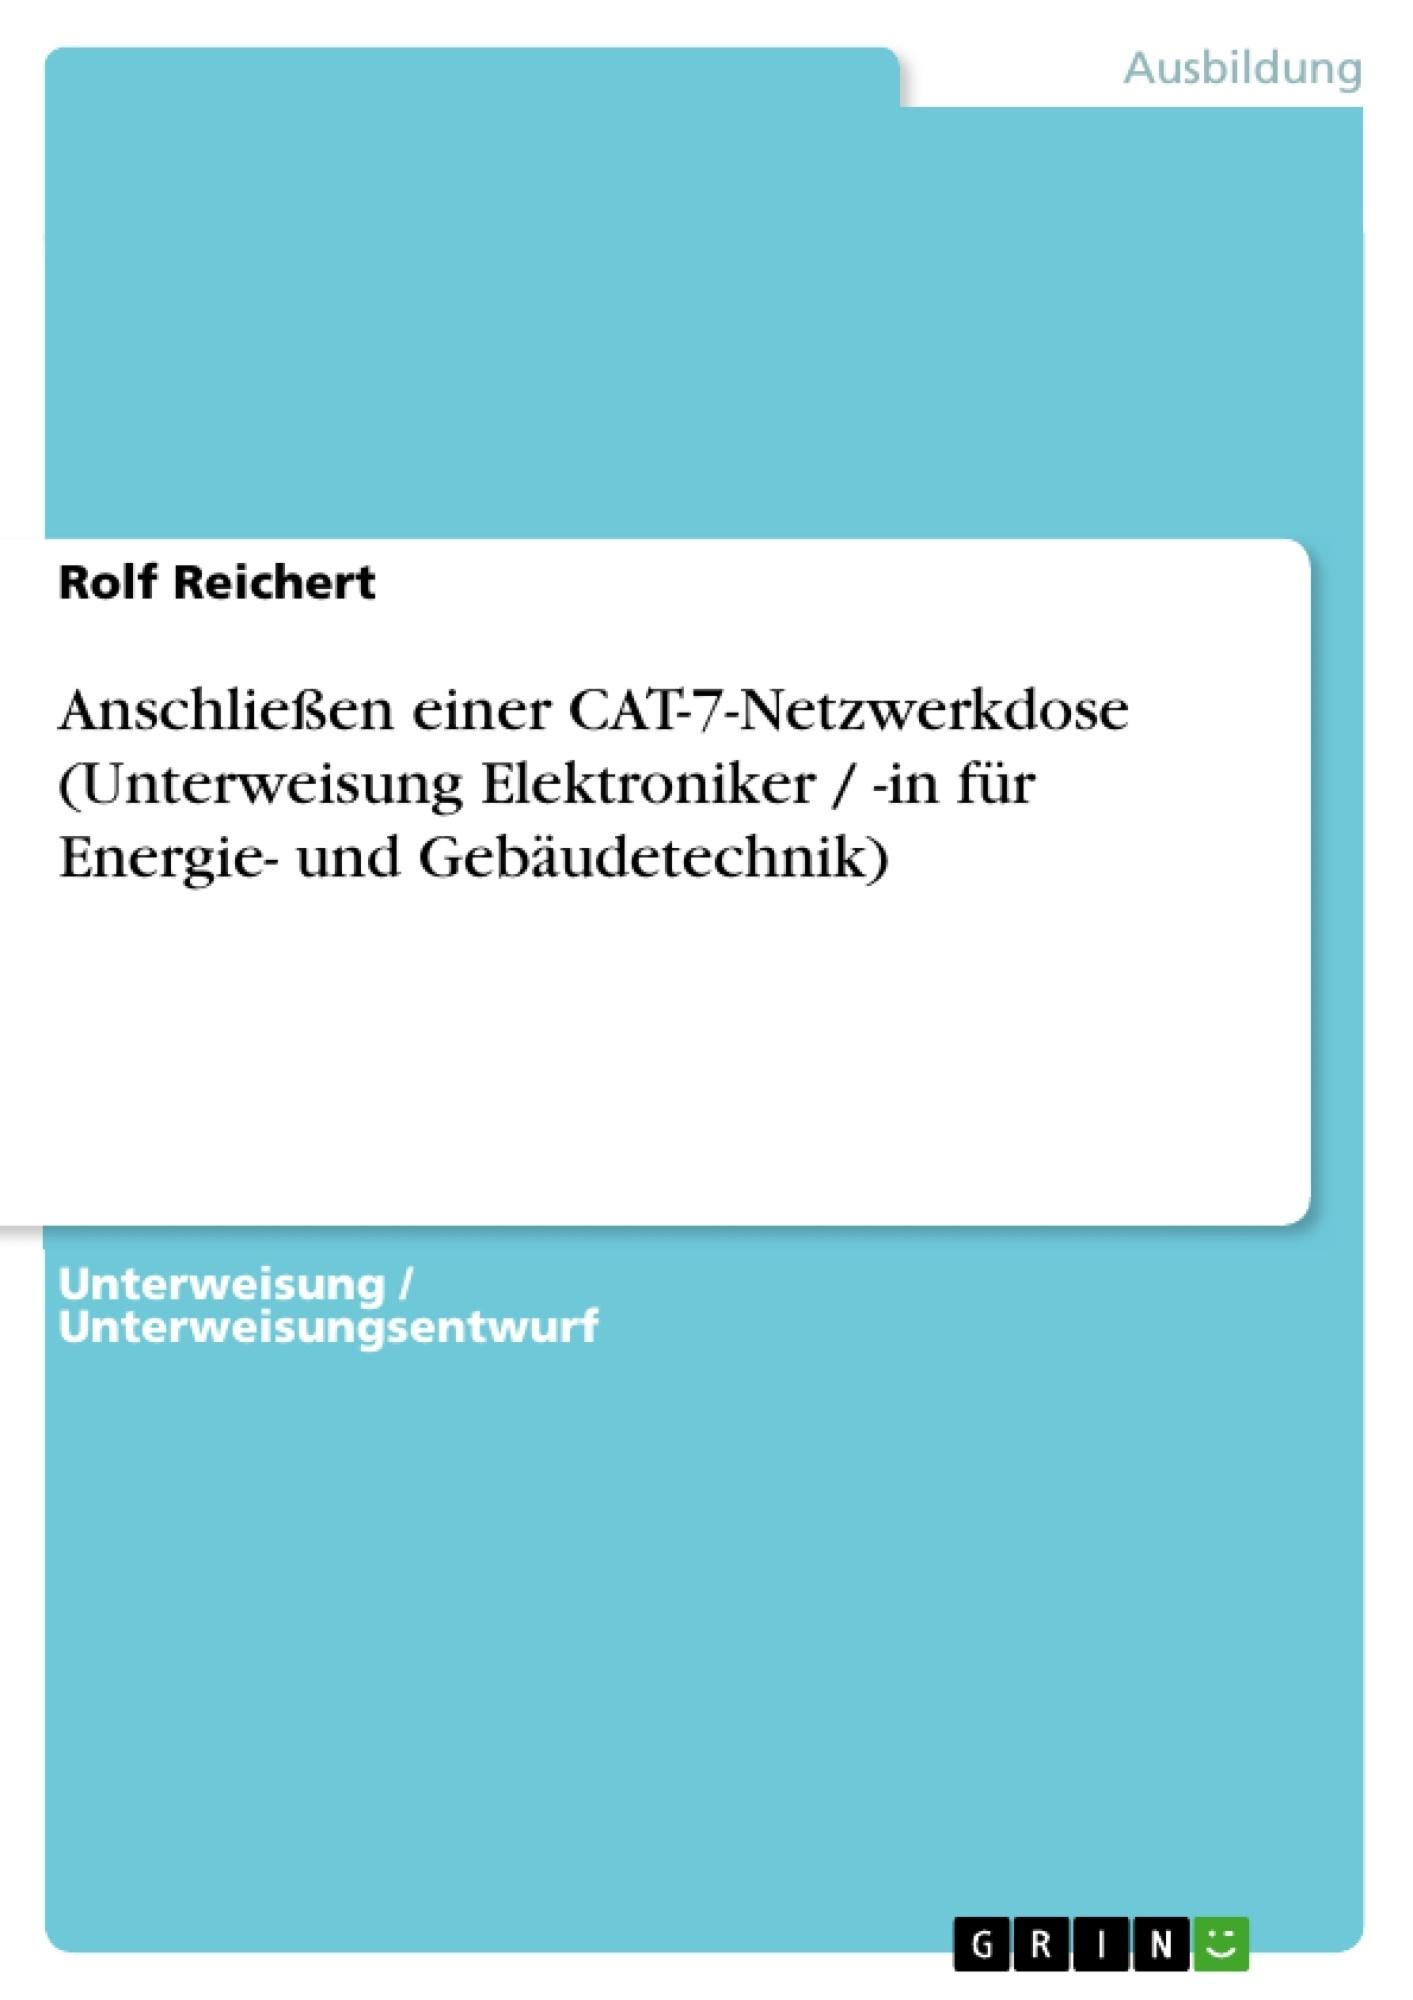 Titel: Anschließen einer CAT-7-Netzwerkdose (Unterweisung Elektroniker / -in für Energie- und Gebäudetechnik)